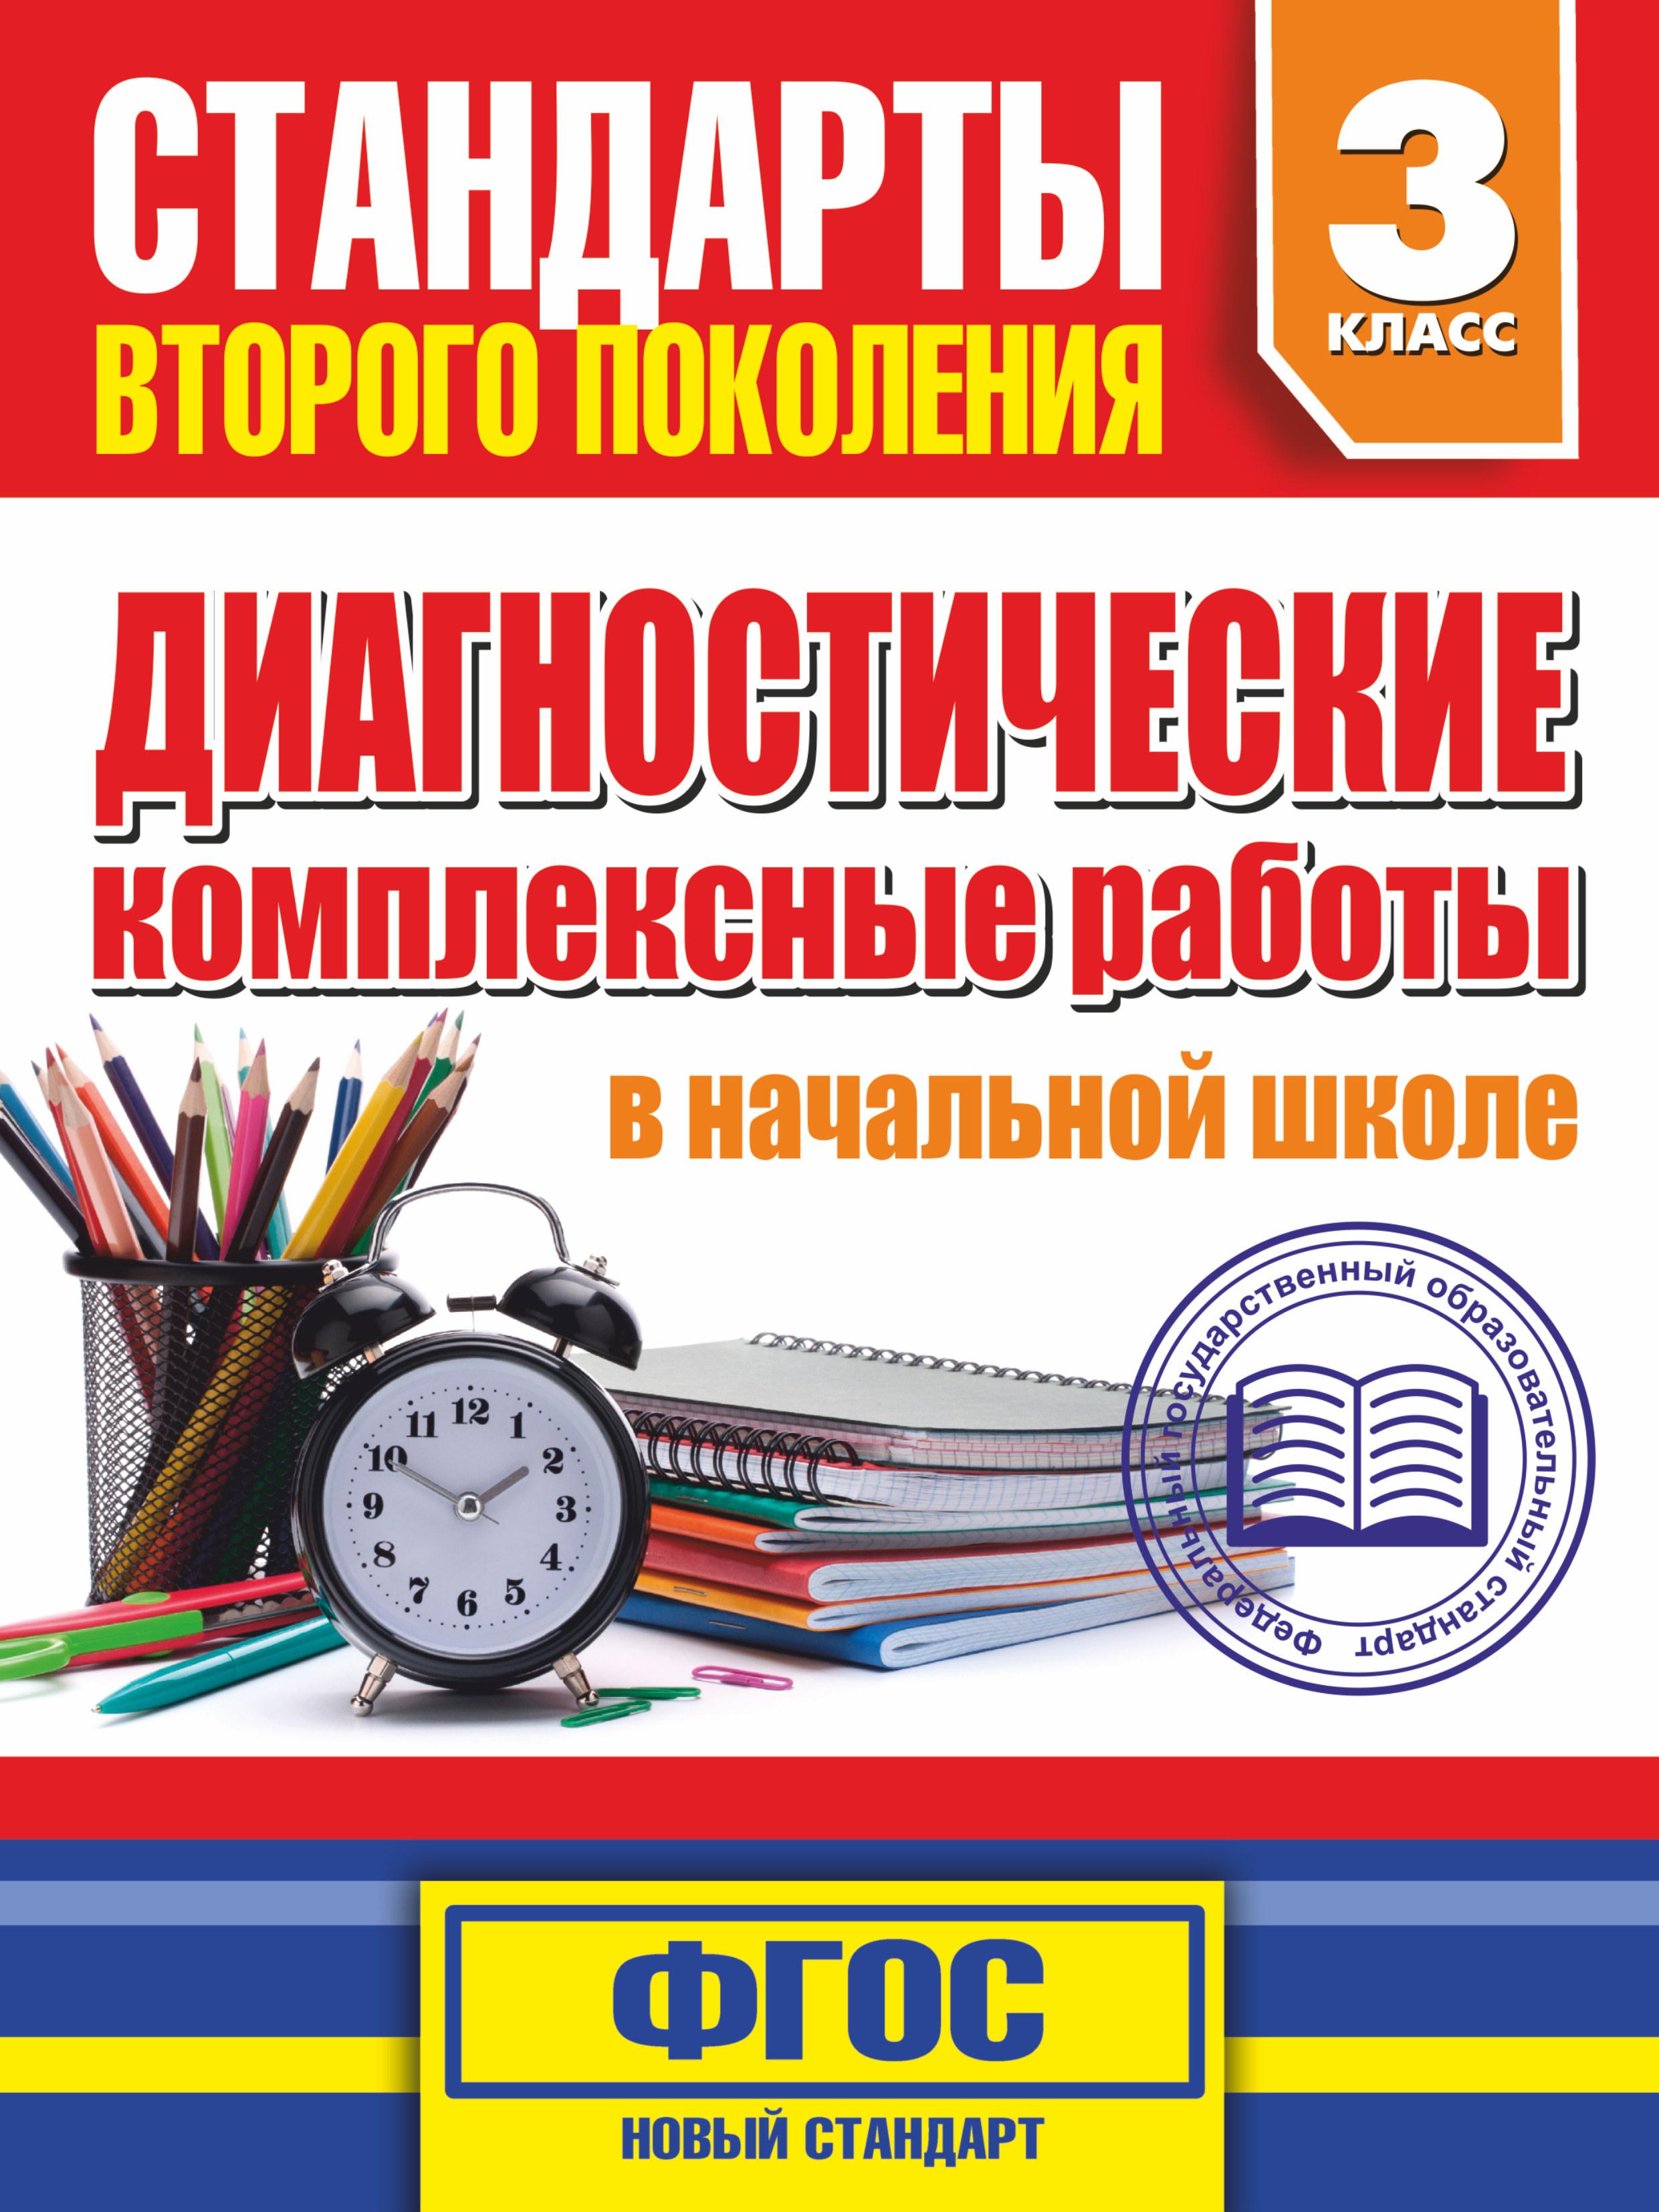 Диагностические комплексные работы в начальной школе. 3 классе ( Танько Марина Александровна  )